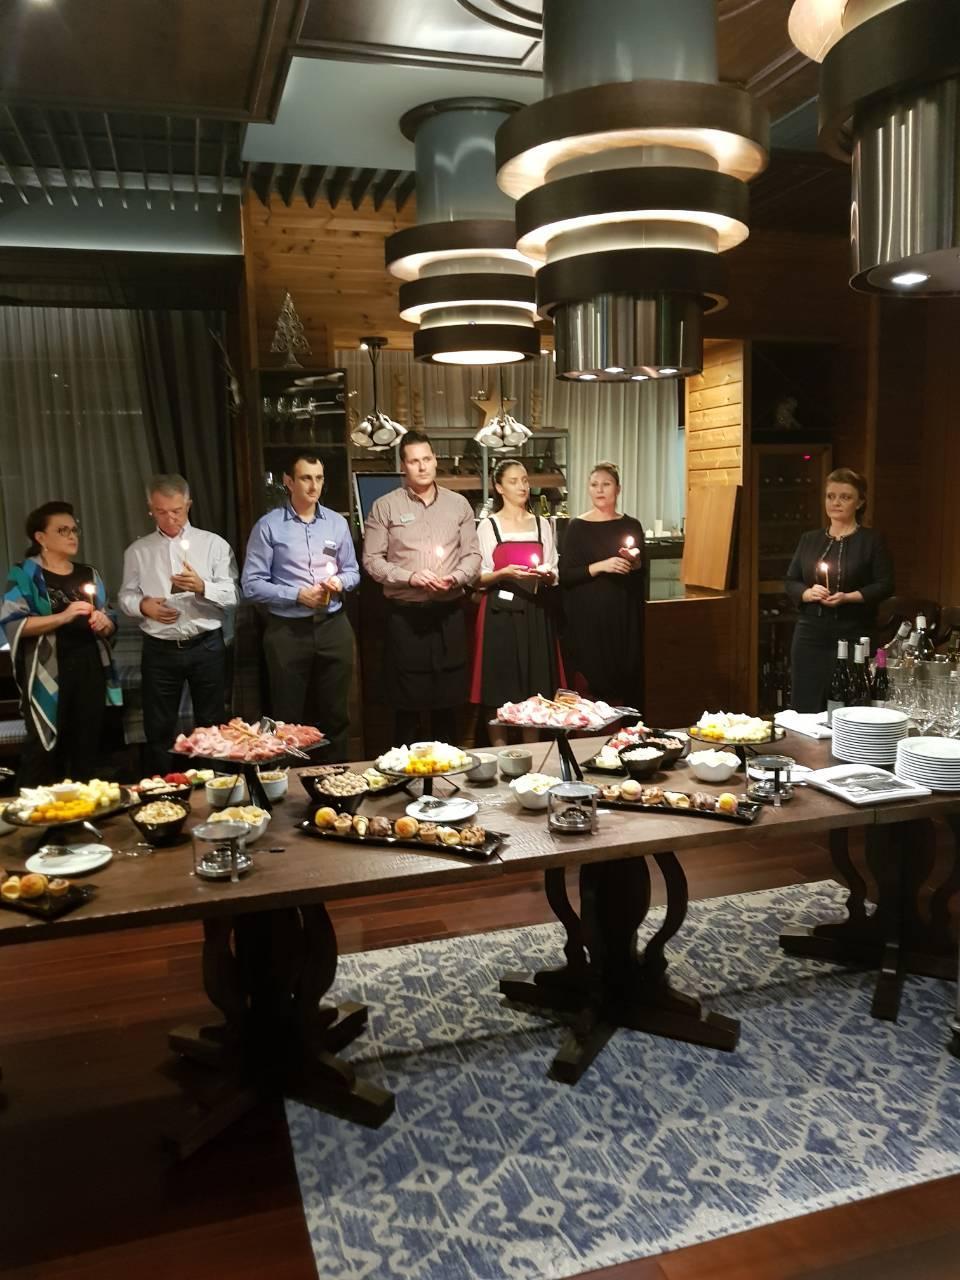 Εστιατόριο Fondue - άνοιγμα στο Μπάνσκο | Lucky Bansko